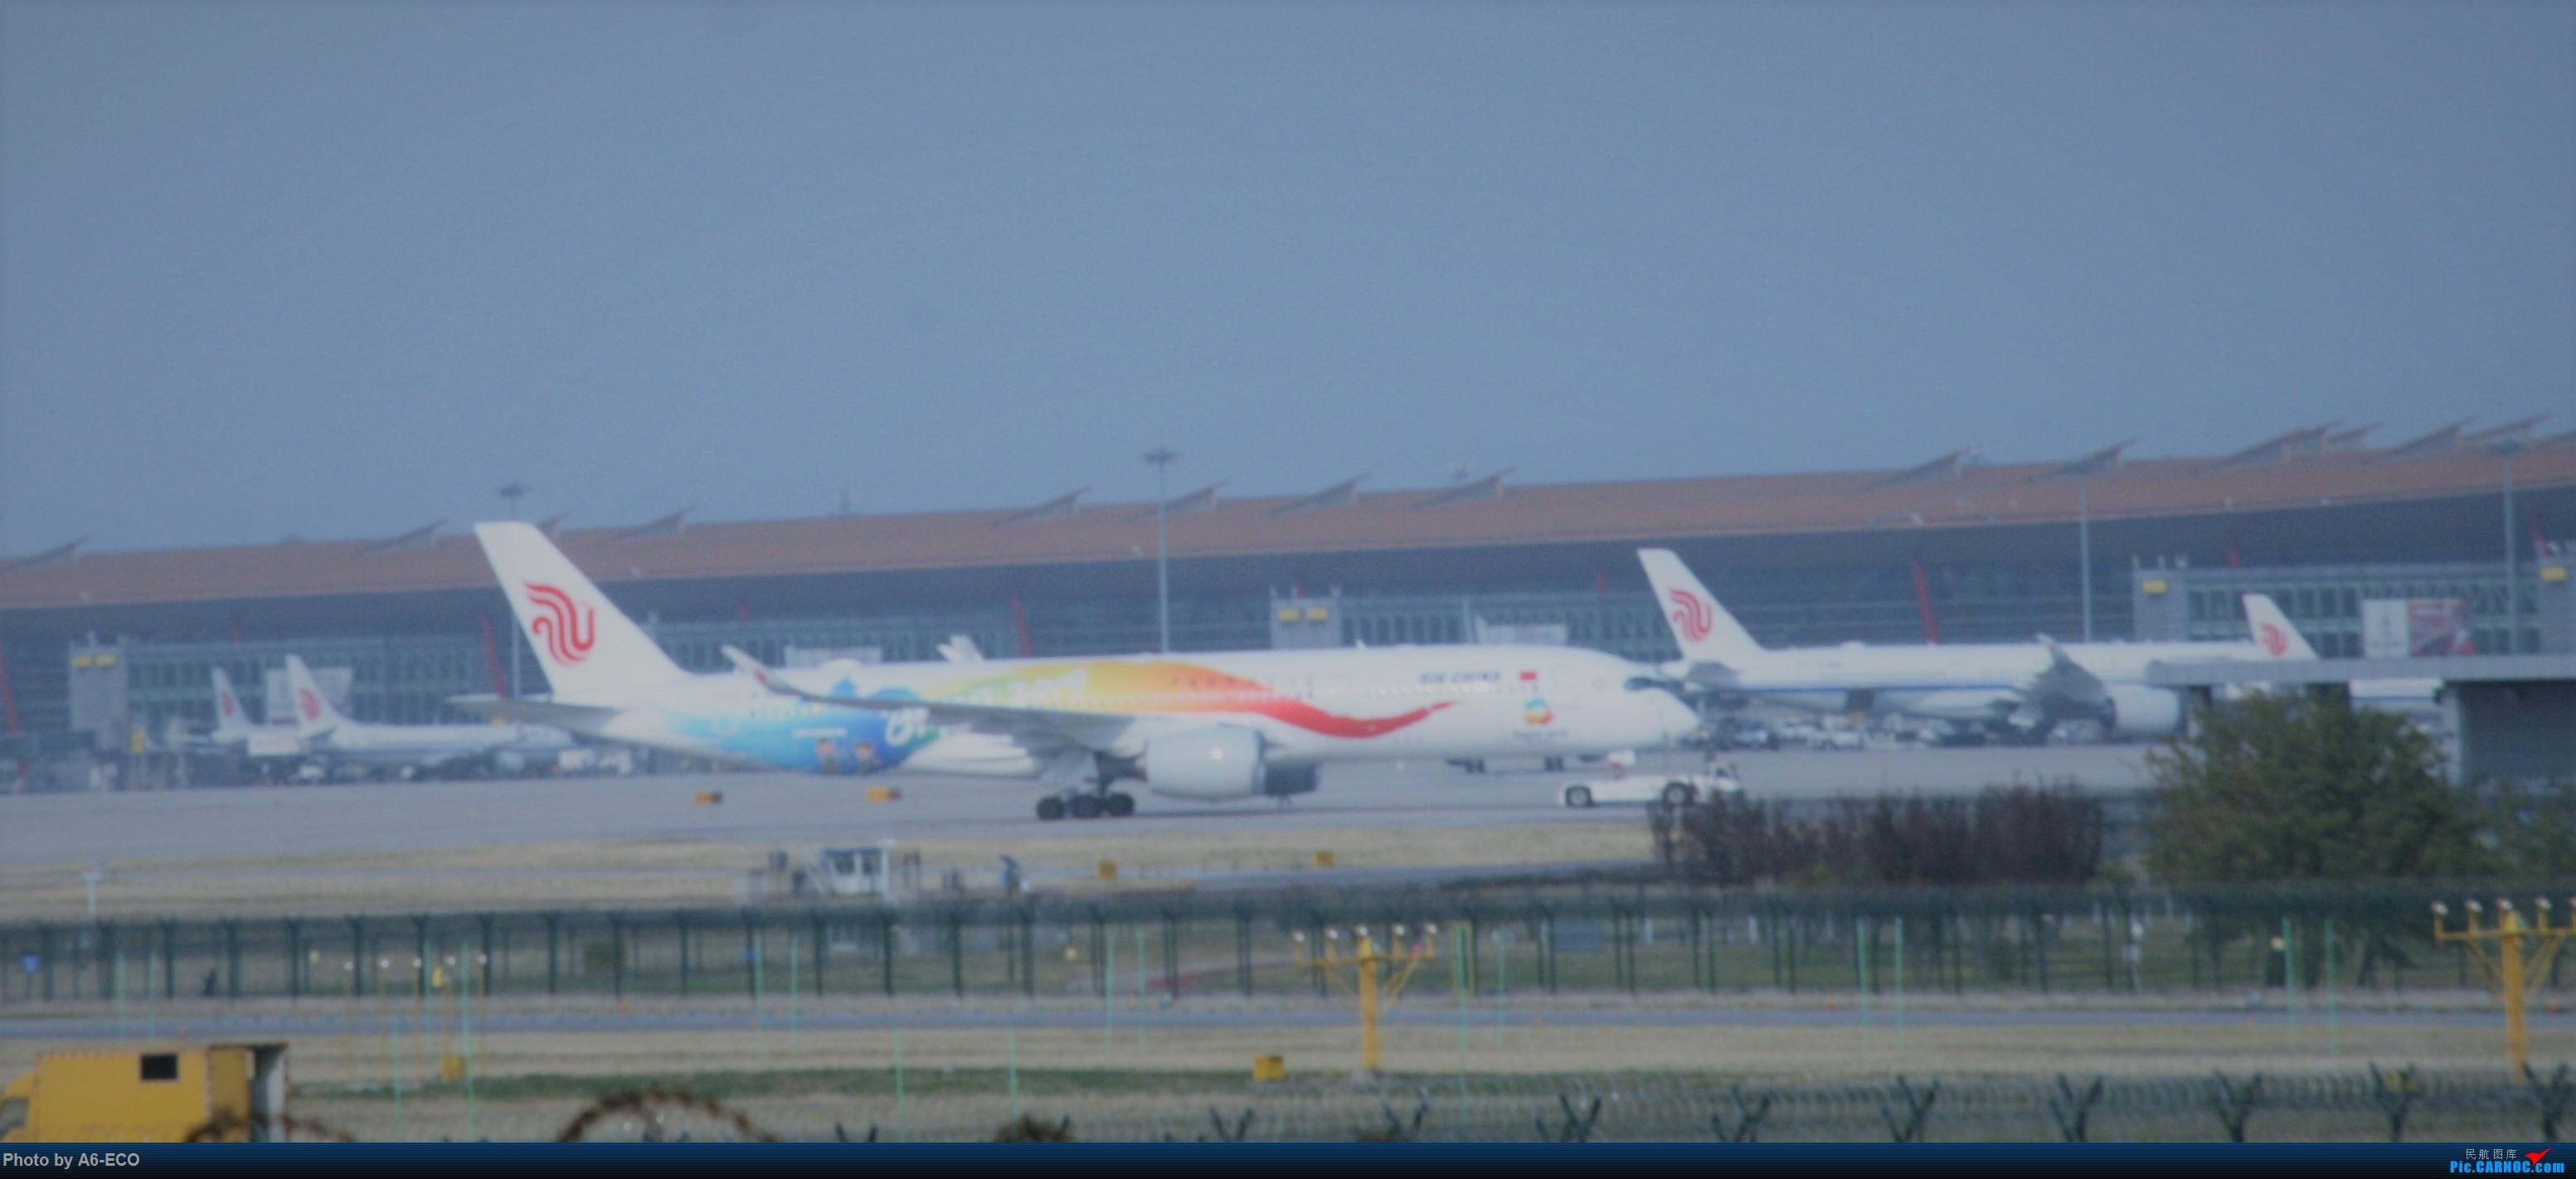 Re:大家双十一都du'o了什么?我在pek拍机 AIRBUS A350-900 B-1083 中国北京首都国际机场